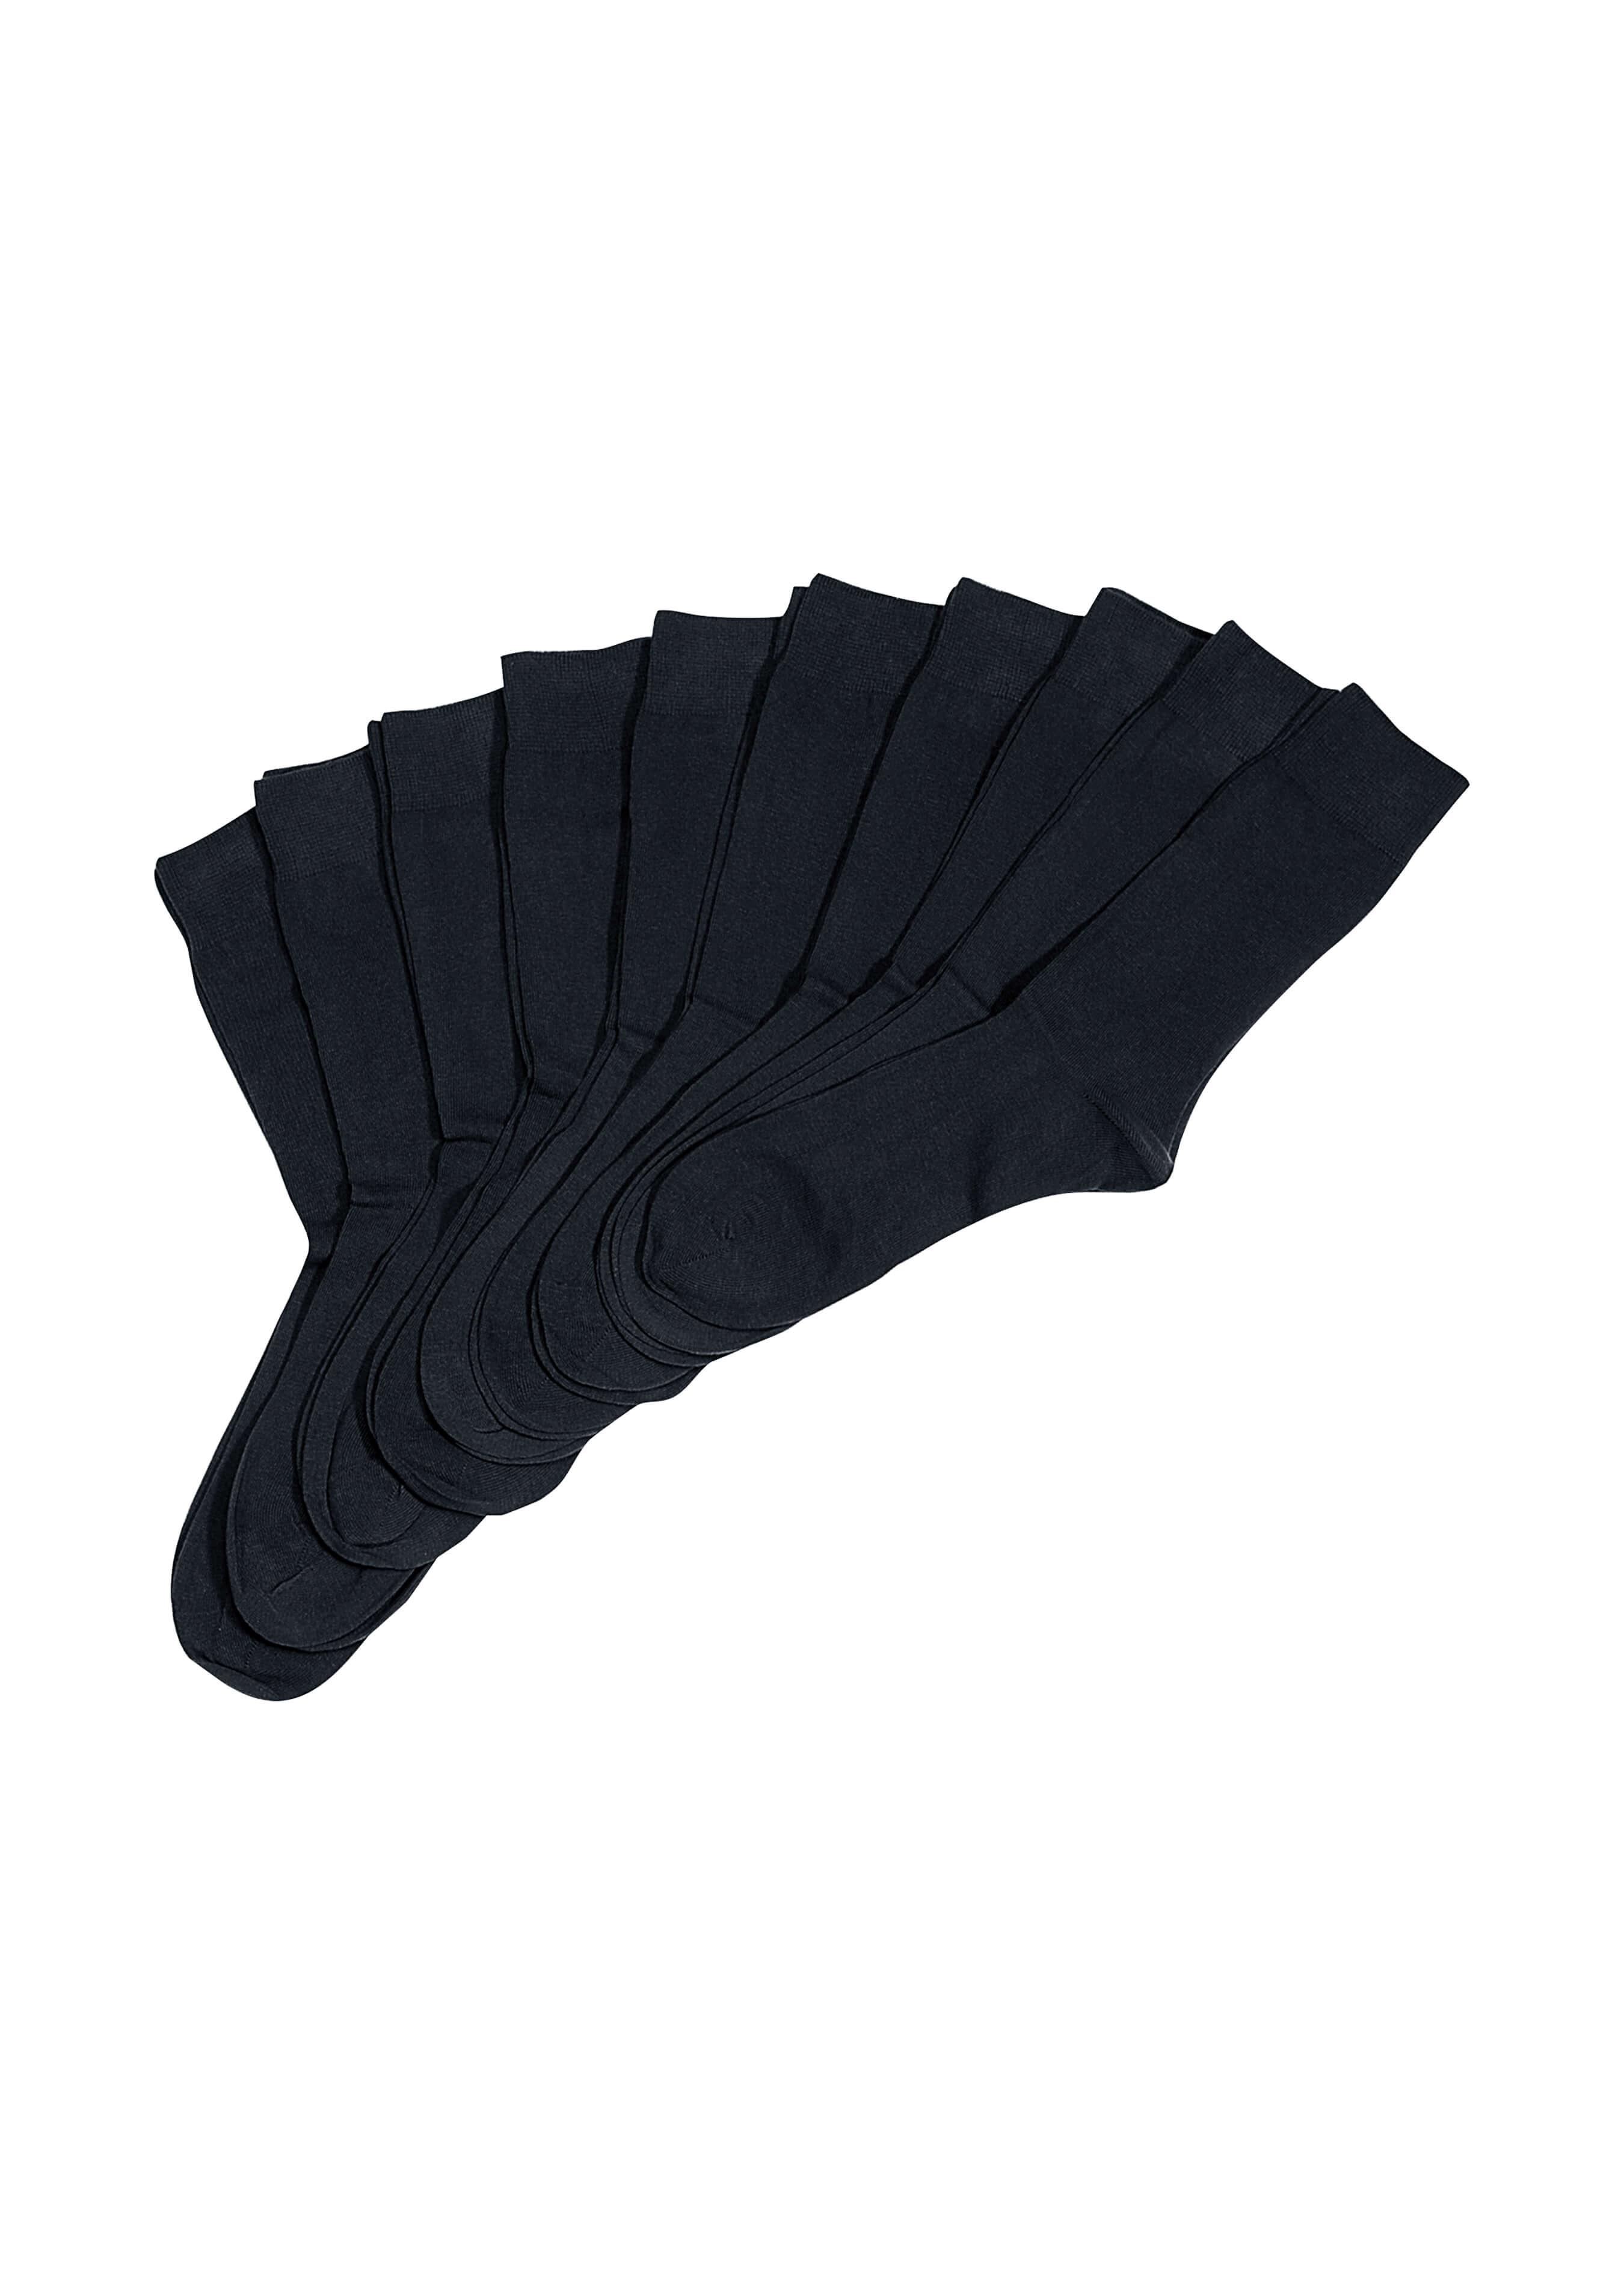 Chaussettes pour dames et messieurs, 10 paires L1913438 2